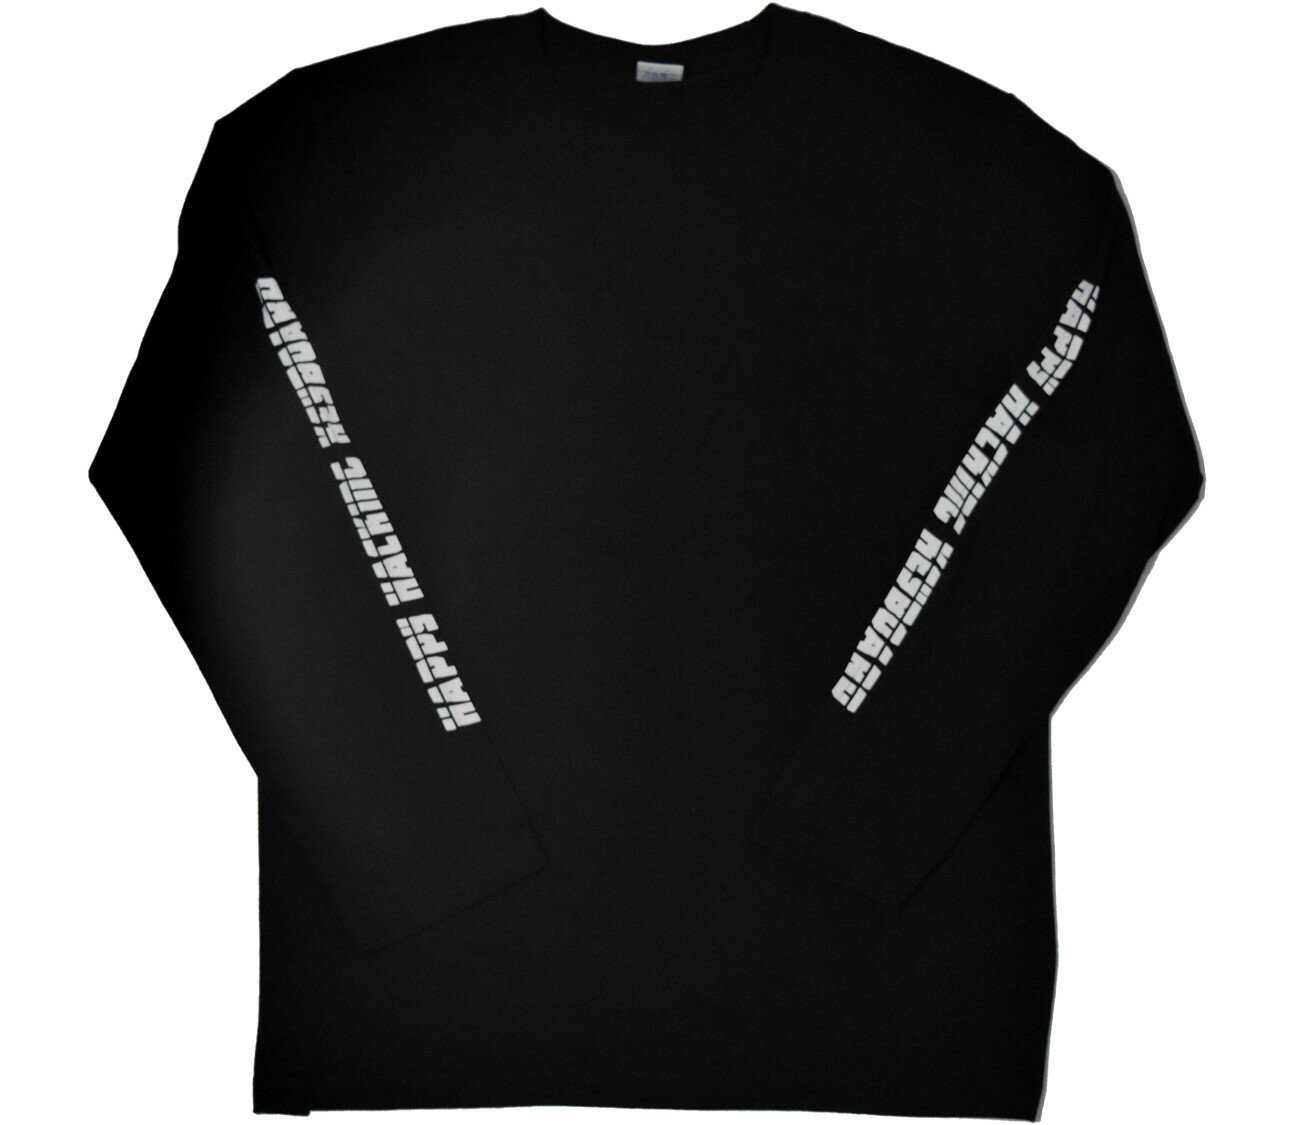 HHKB Tシャツ 長袖(L)画像